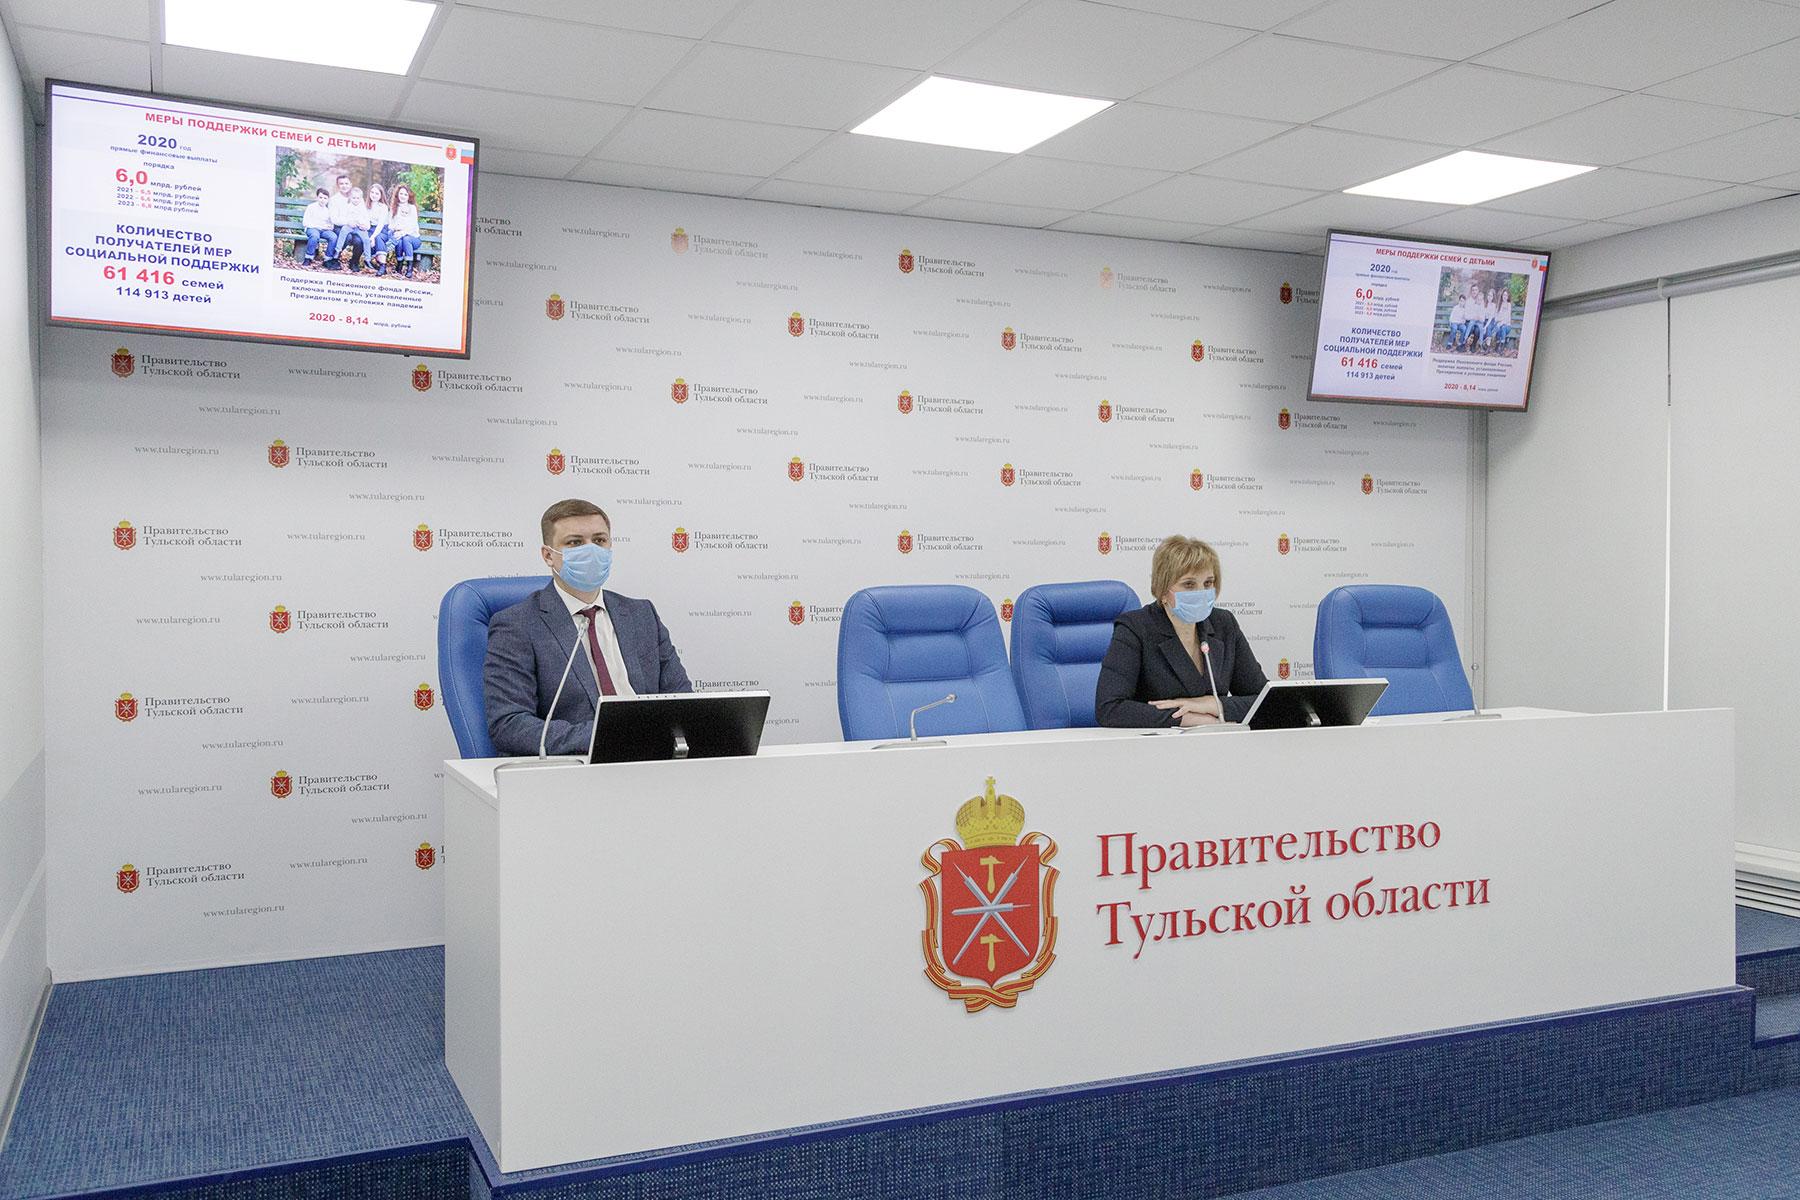 В 2020 году в Тульской области на финансовую поддержку семей с детьми направлено более 14 млрд рублей